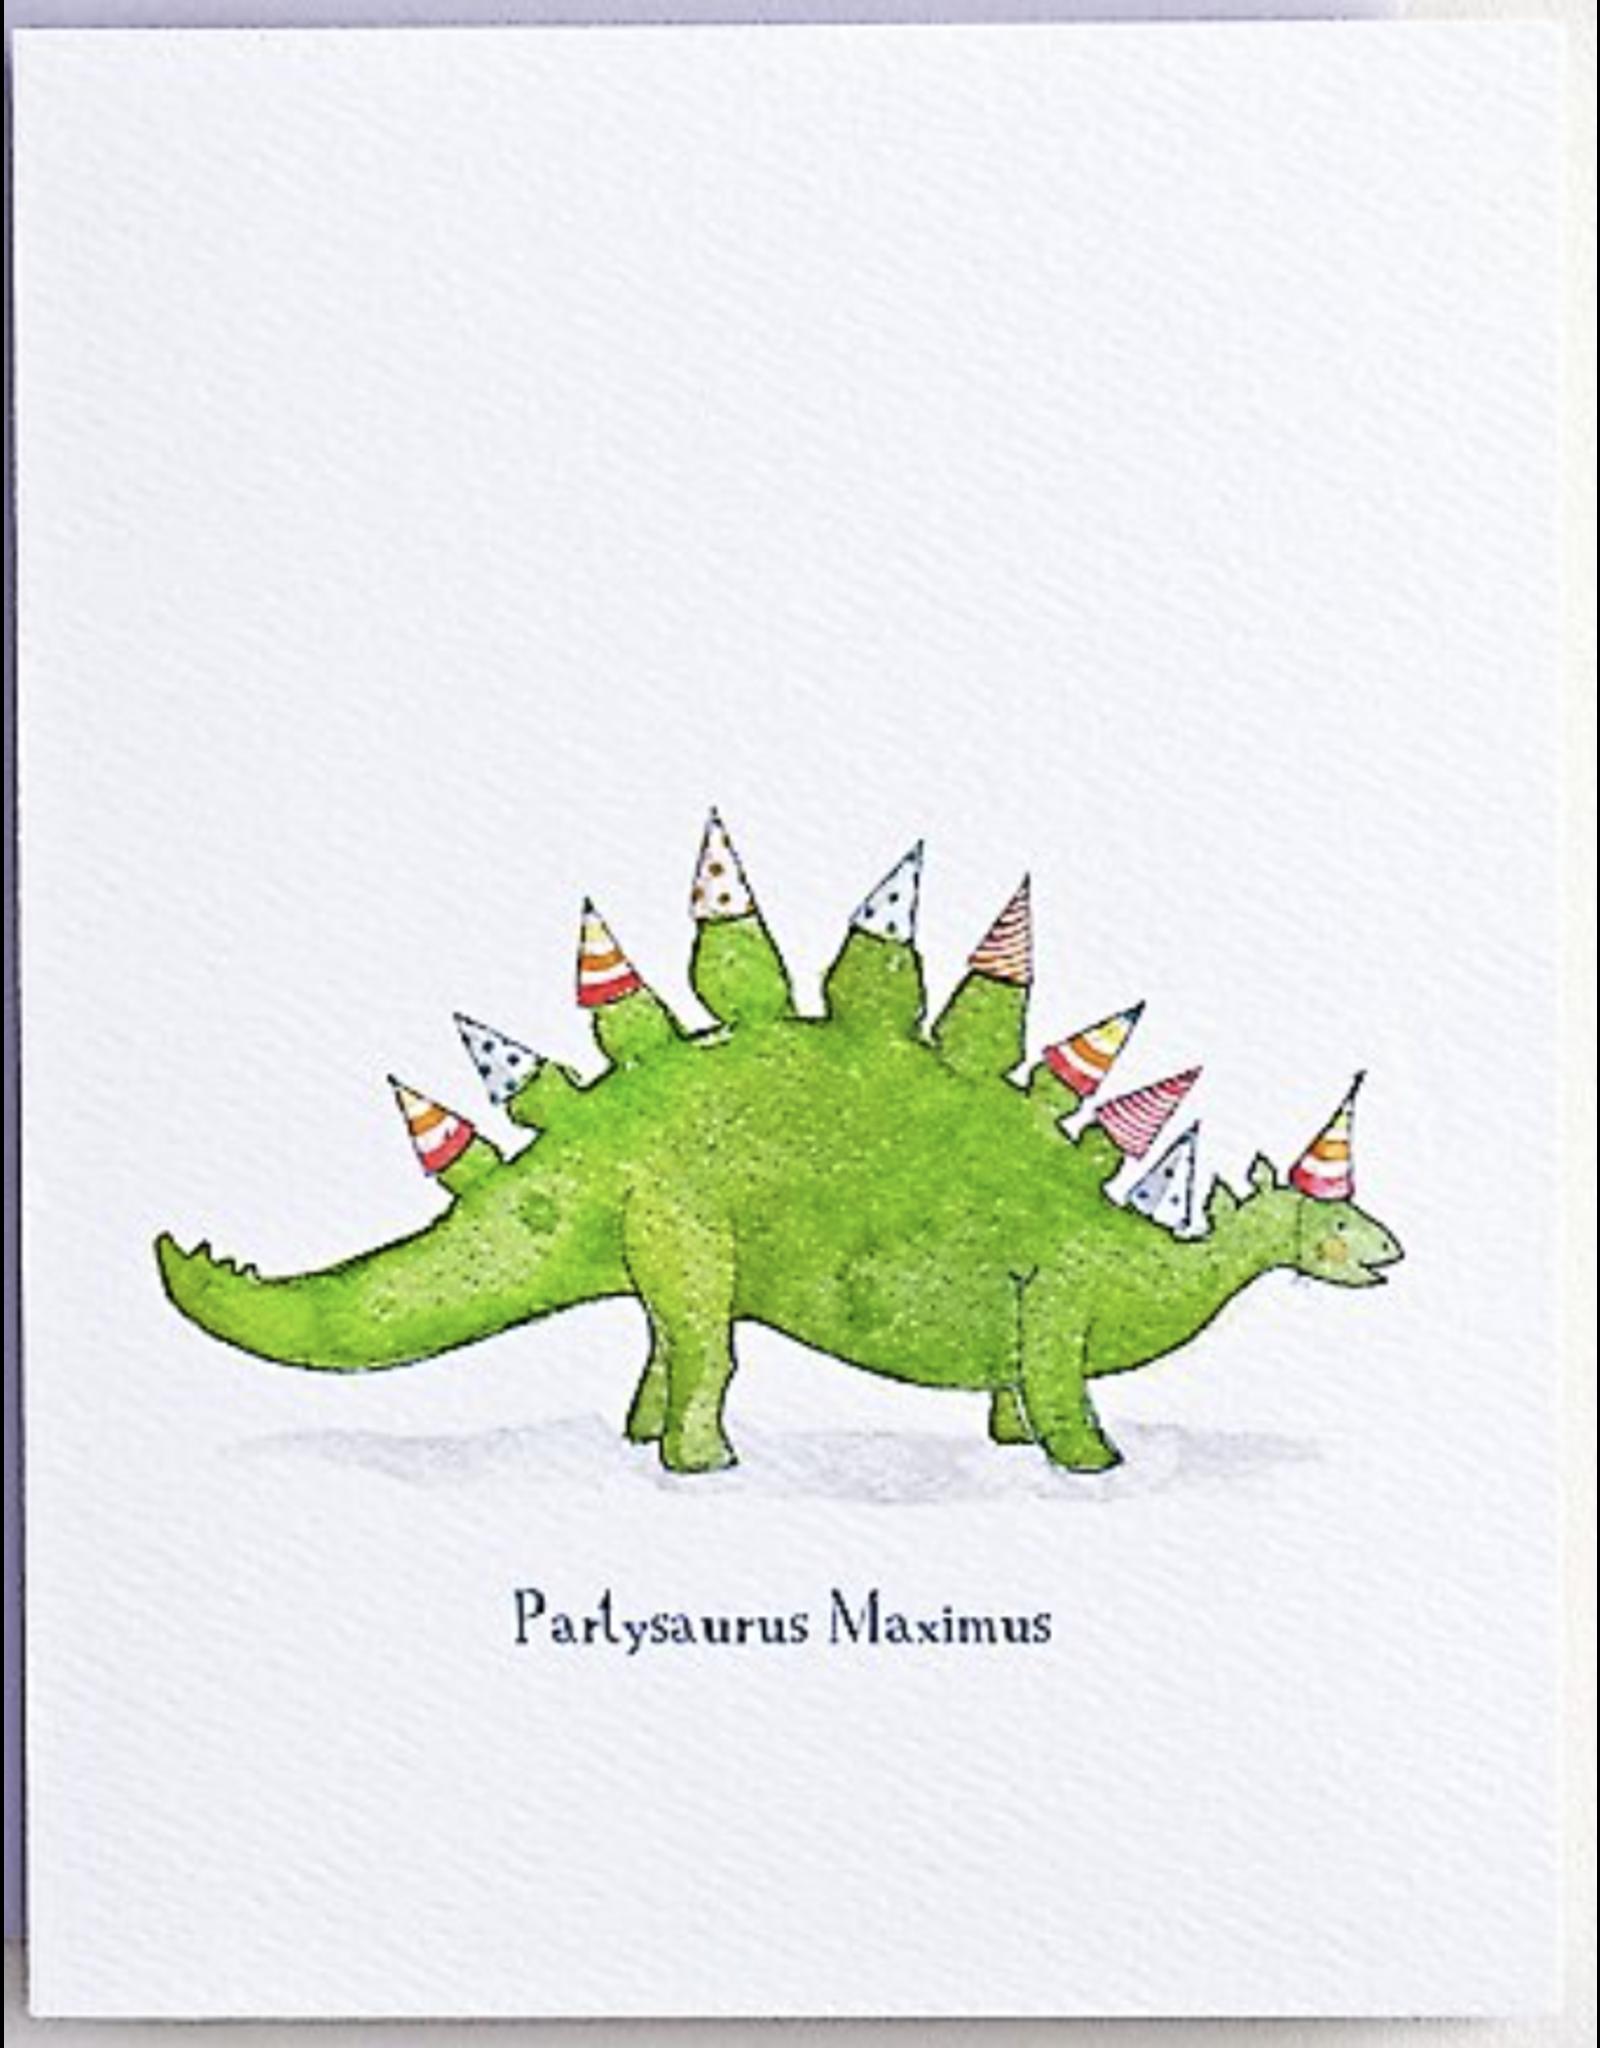 Birthday - Partysaurus